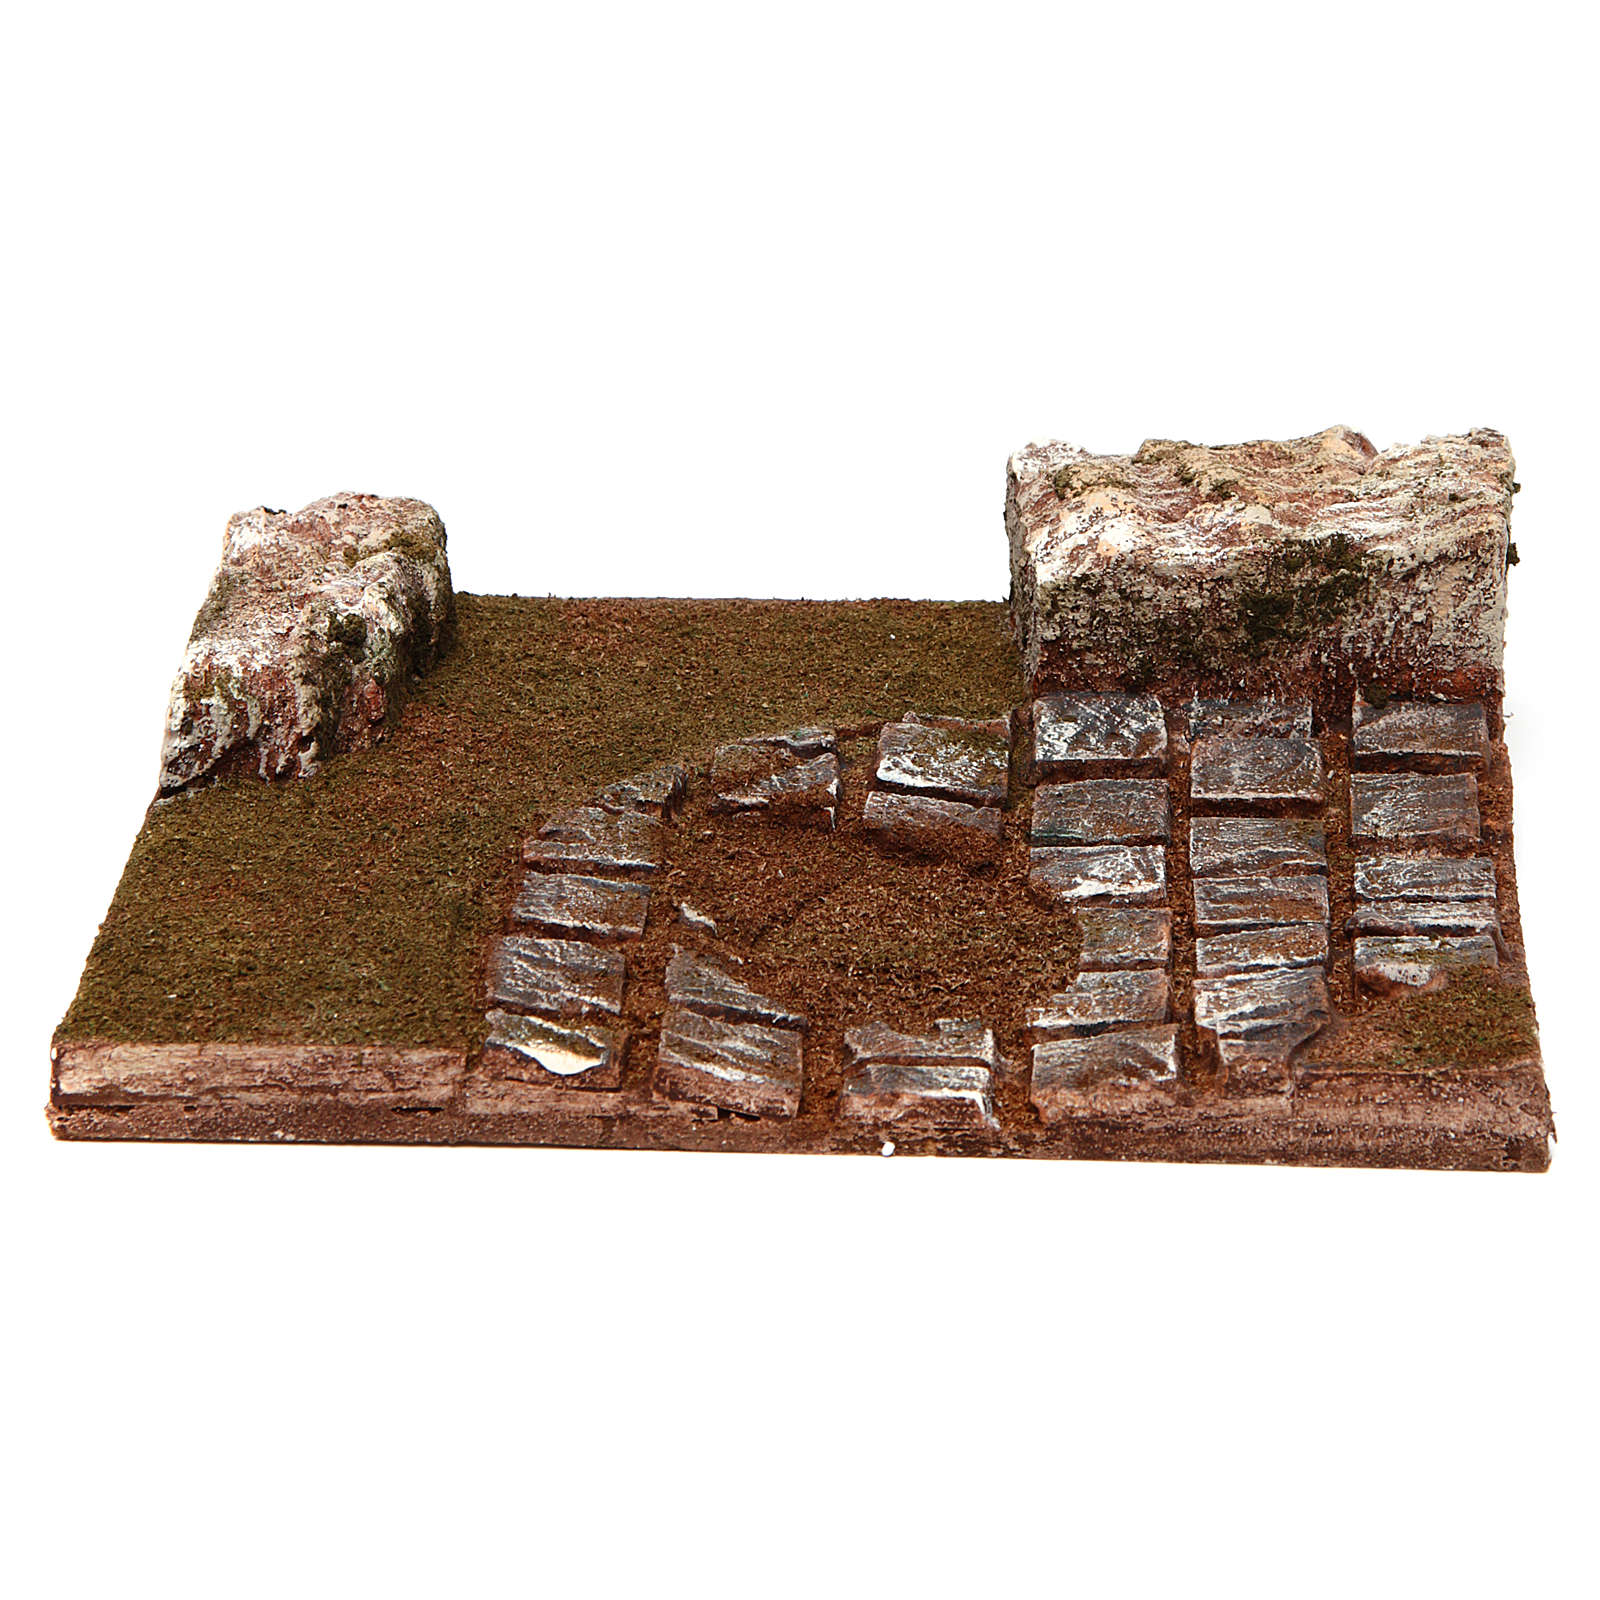 Strada componibile curva con rocce 12 cm 4